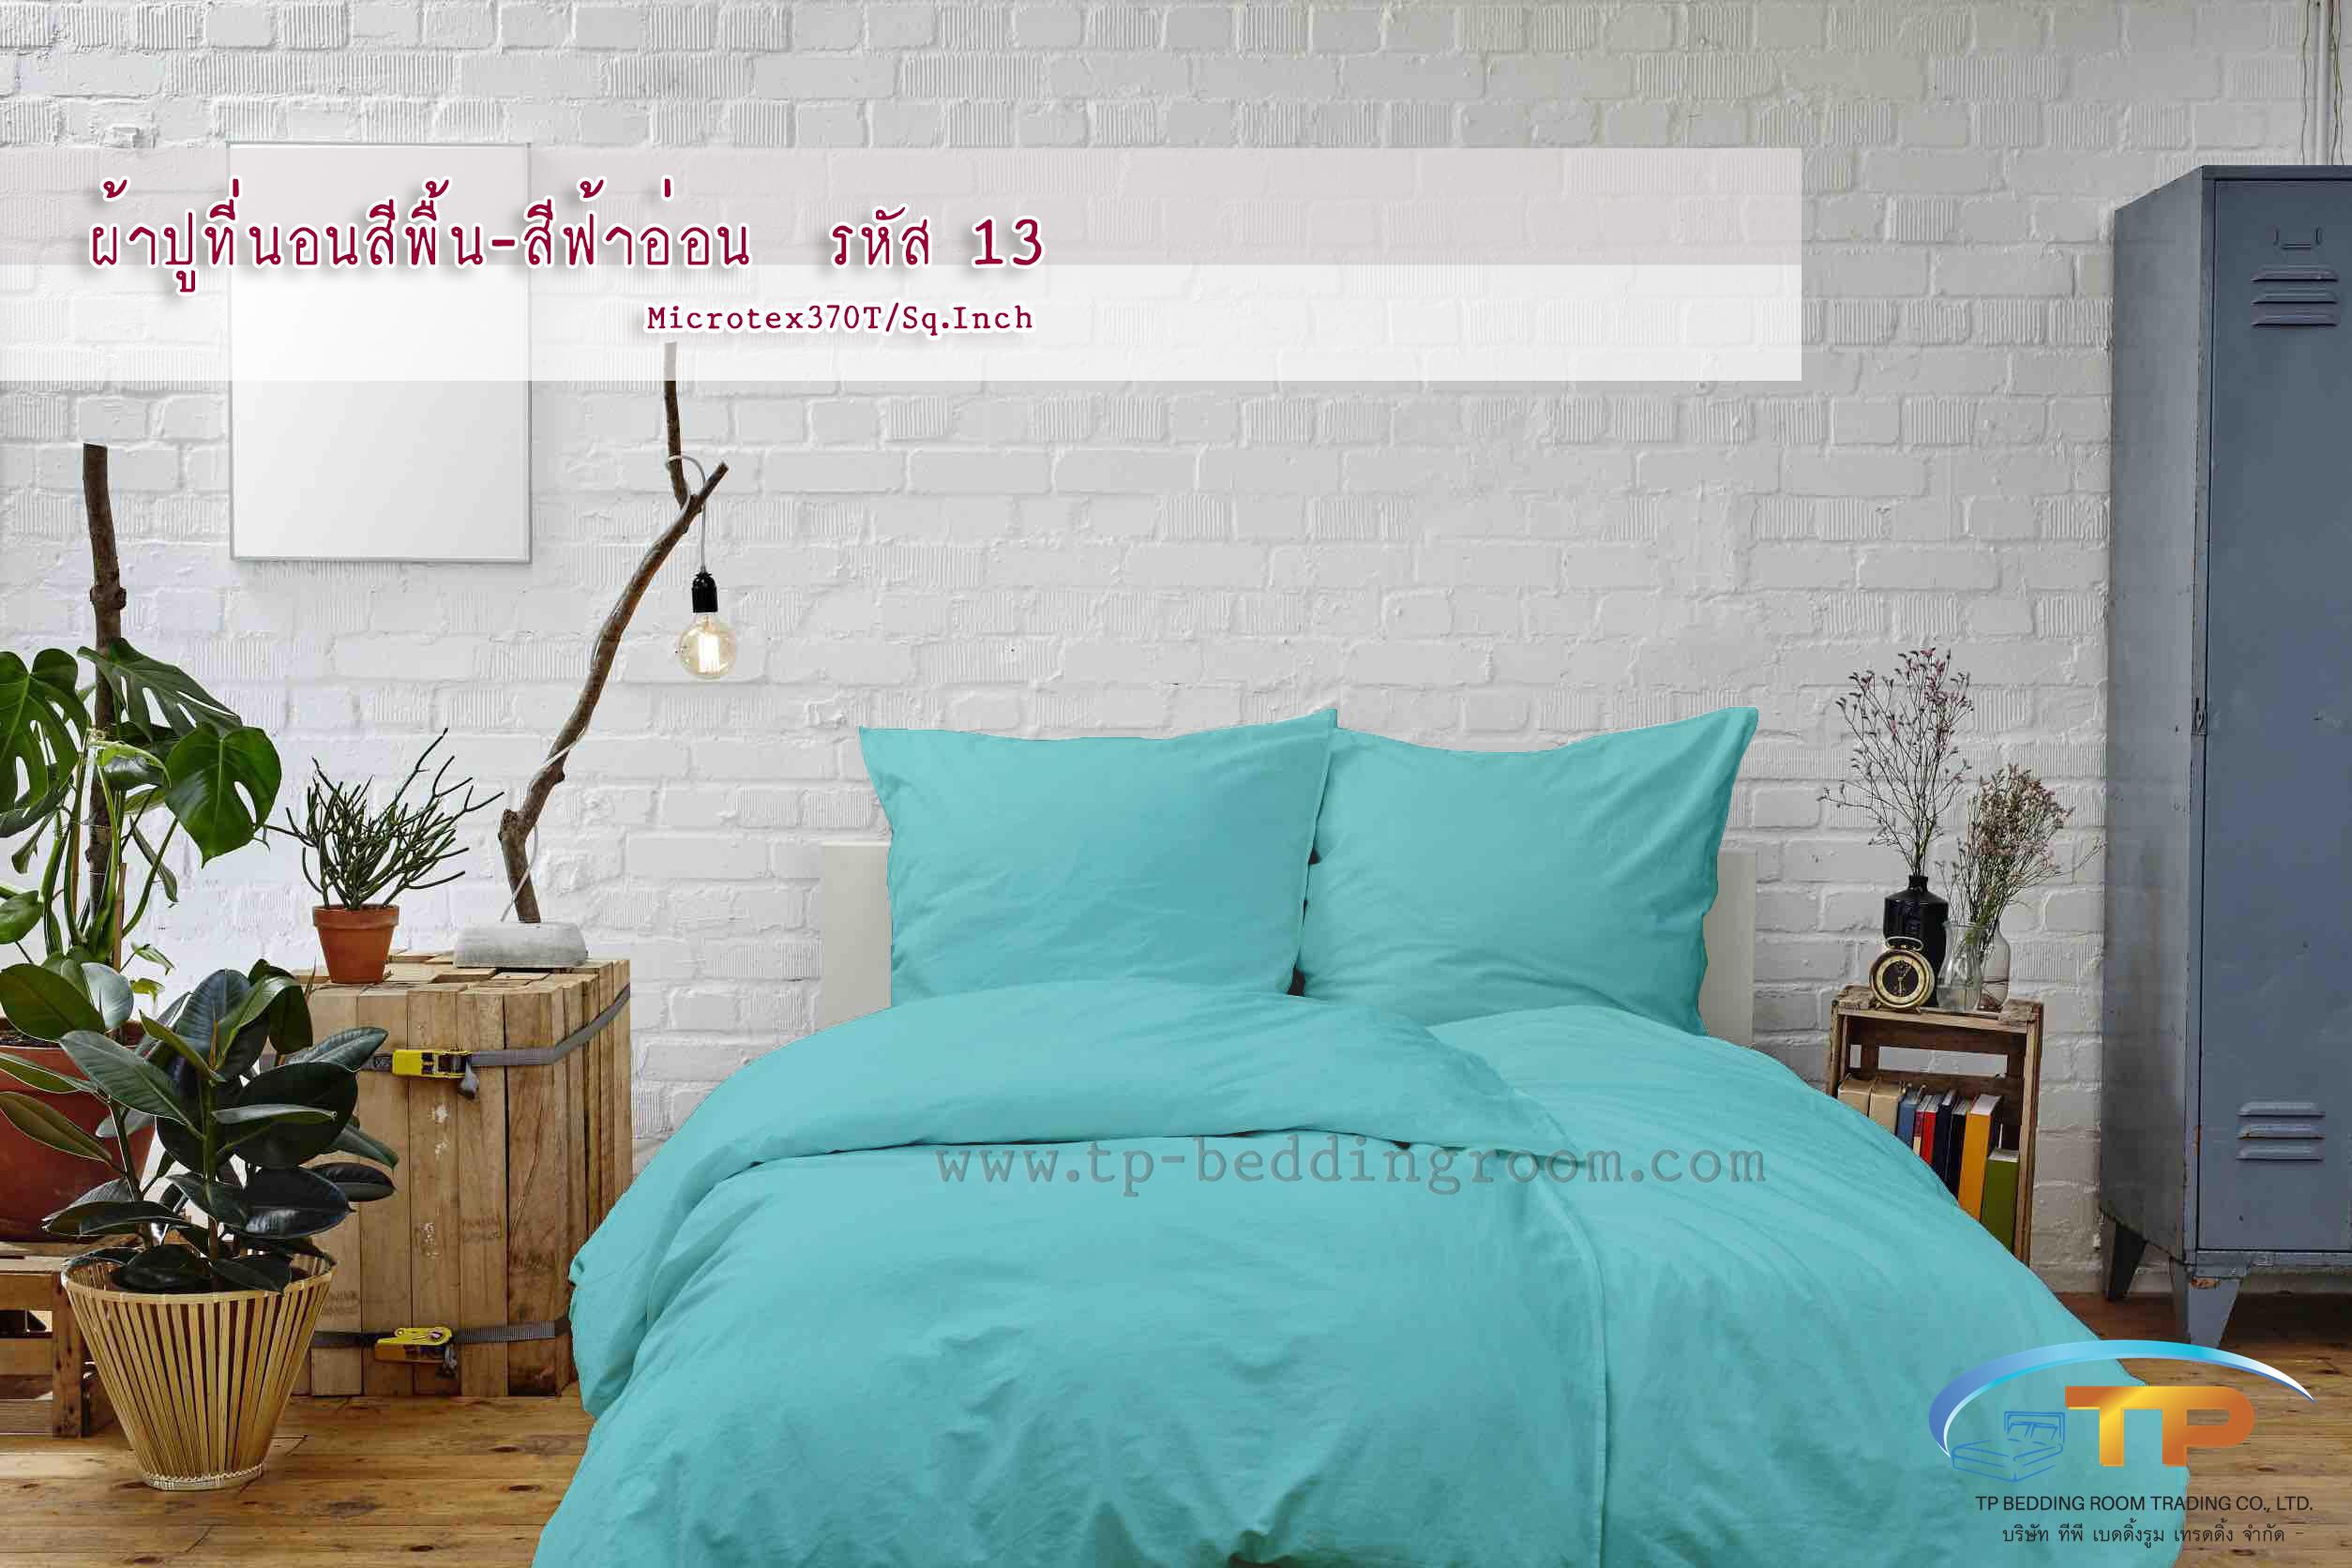 ผ้าปูที่นอนสีฟ้าอ่อน รหัส 13